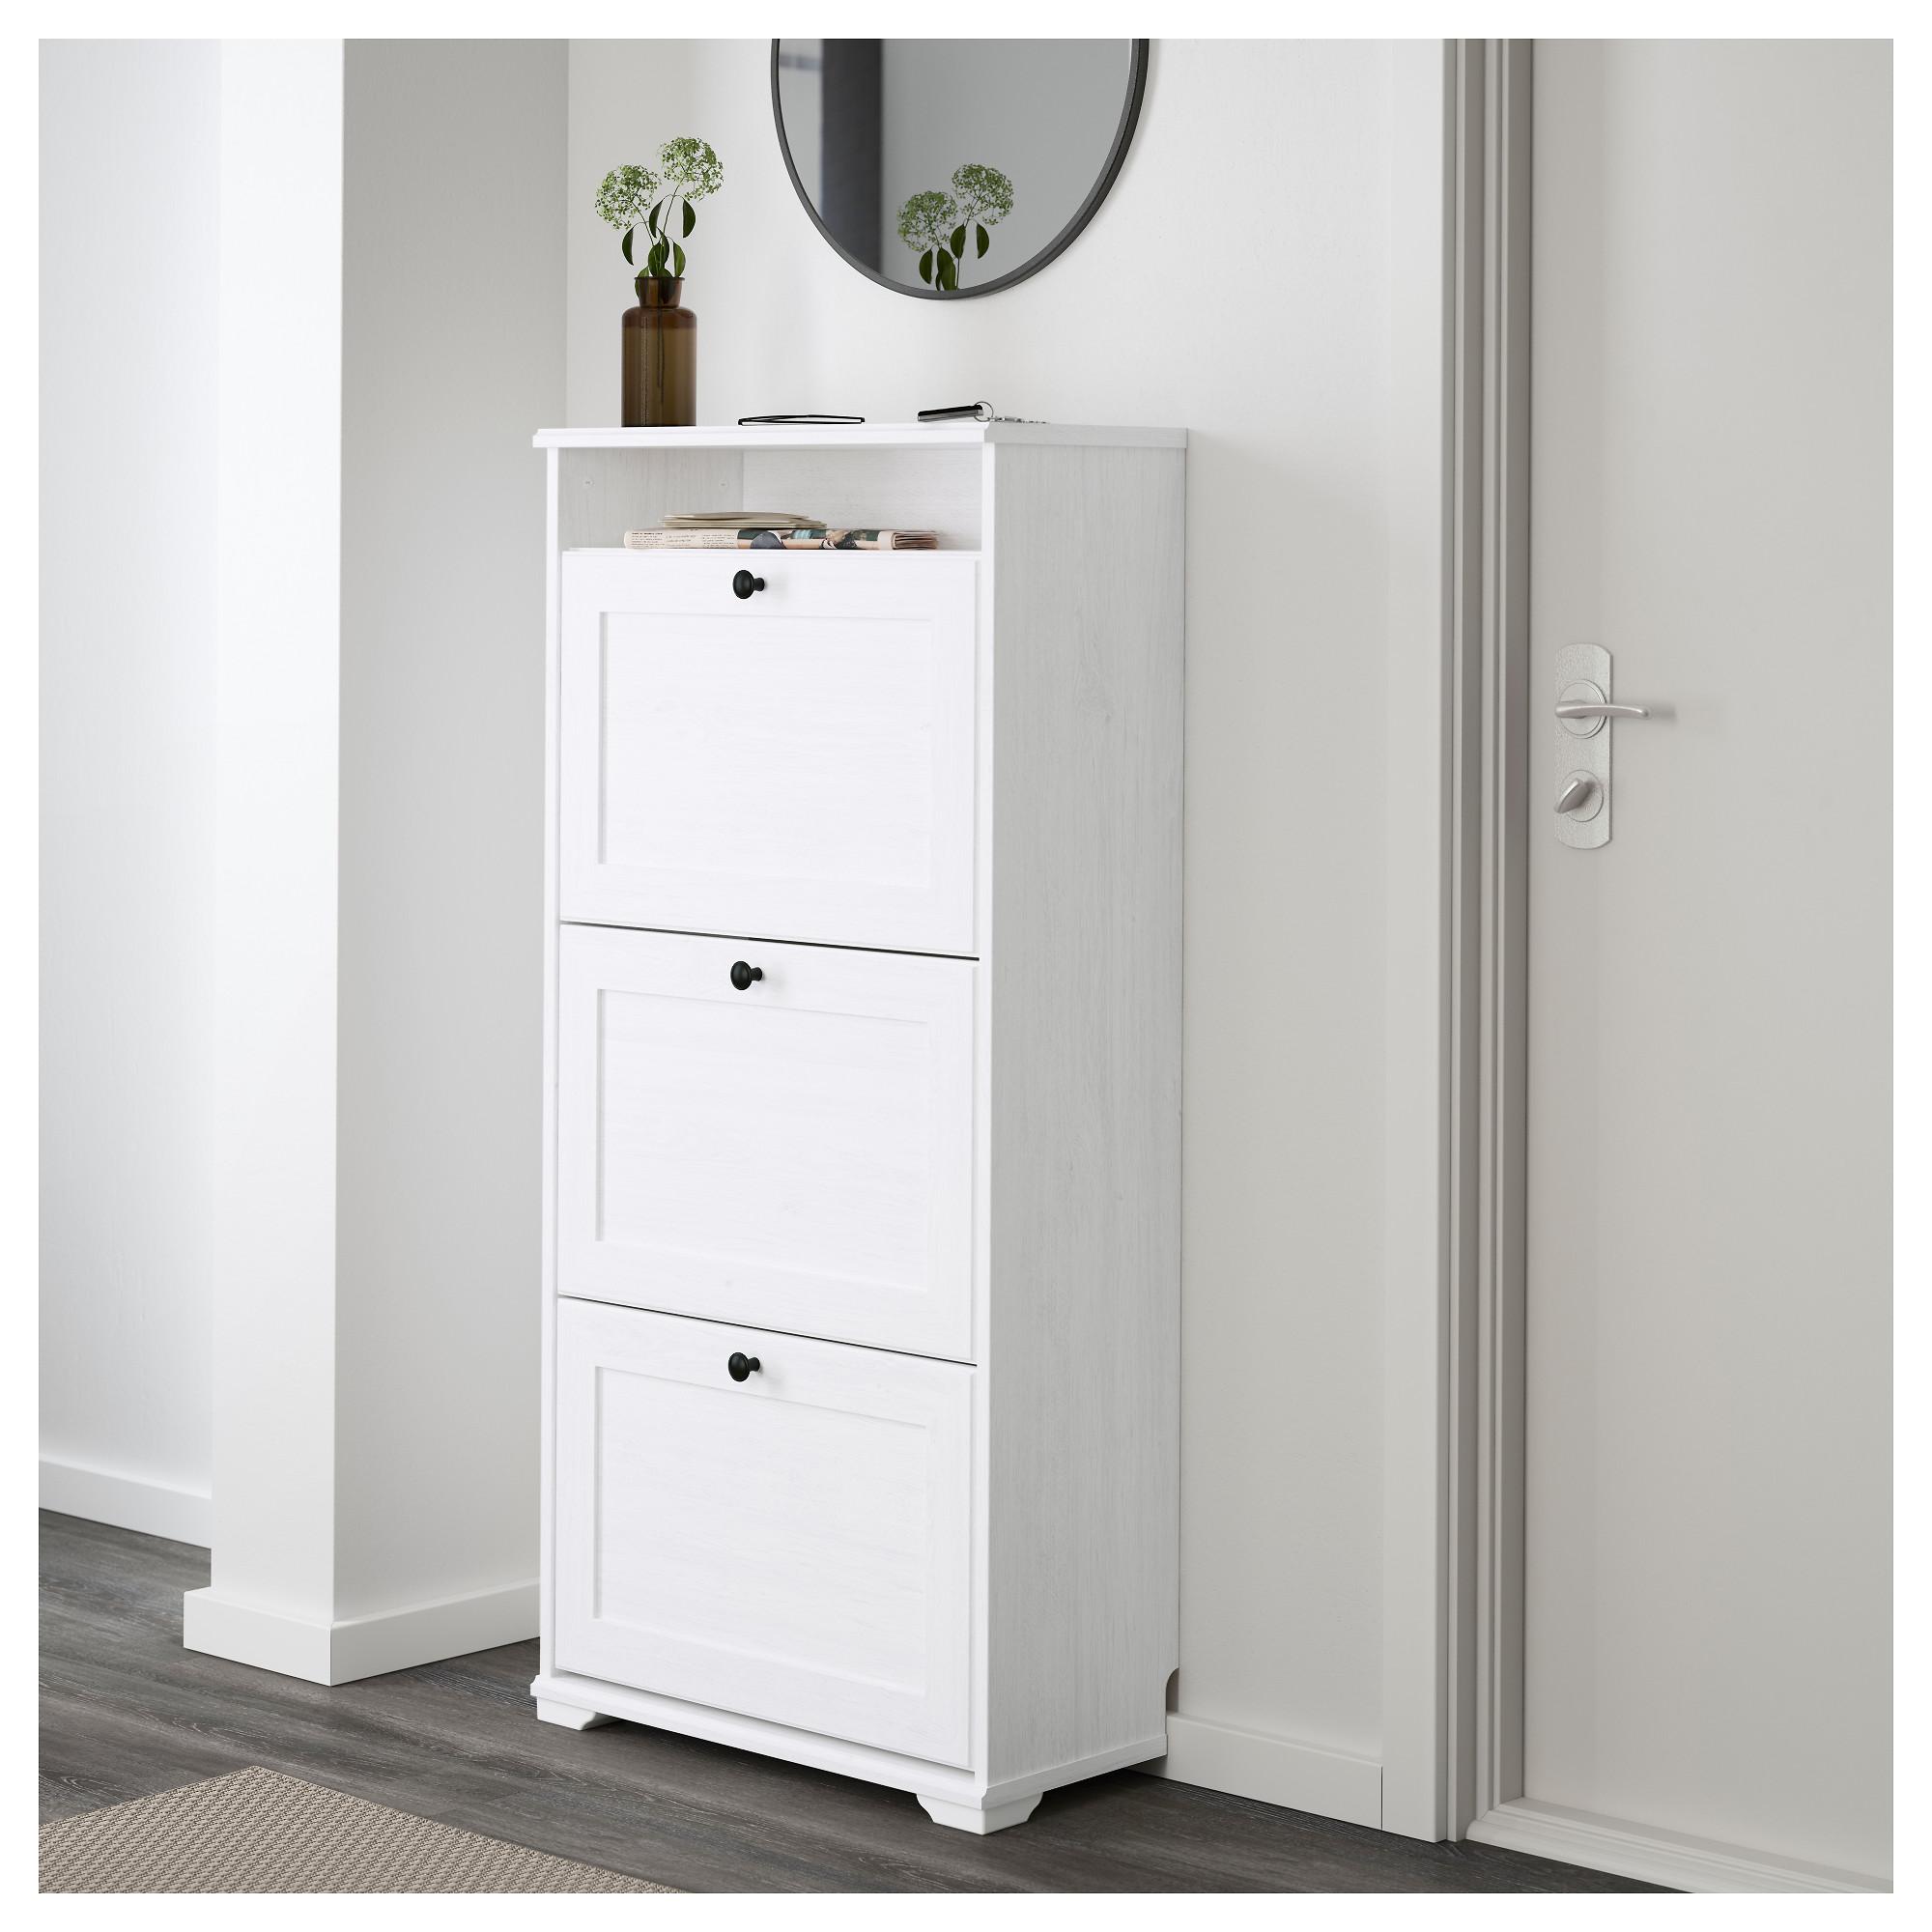 8166037e697 IKEA Latvia - Osta mööblit, valgusteid, koduaksessuaare ja muud